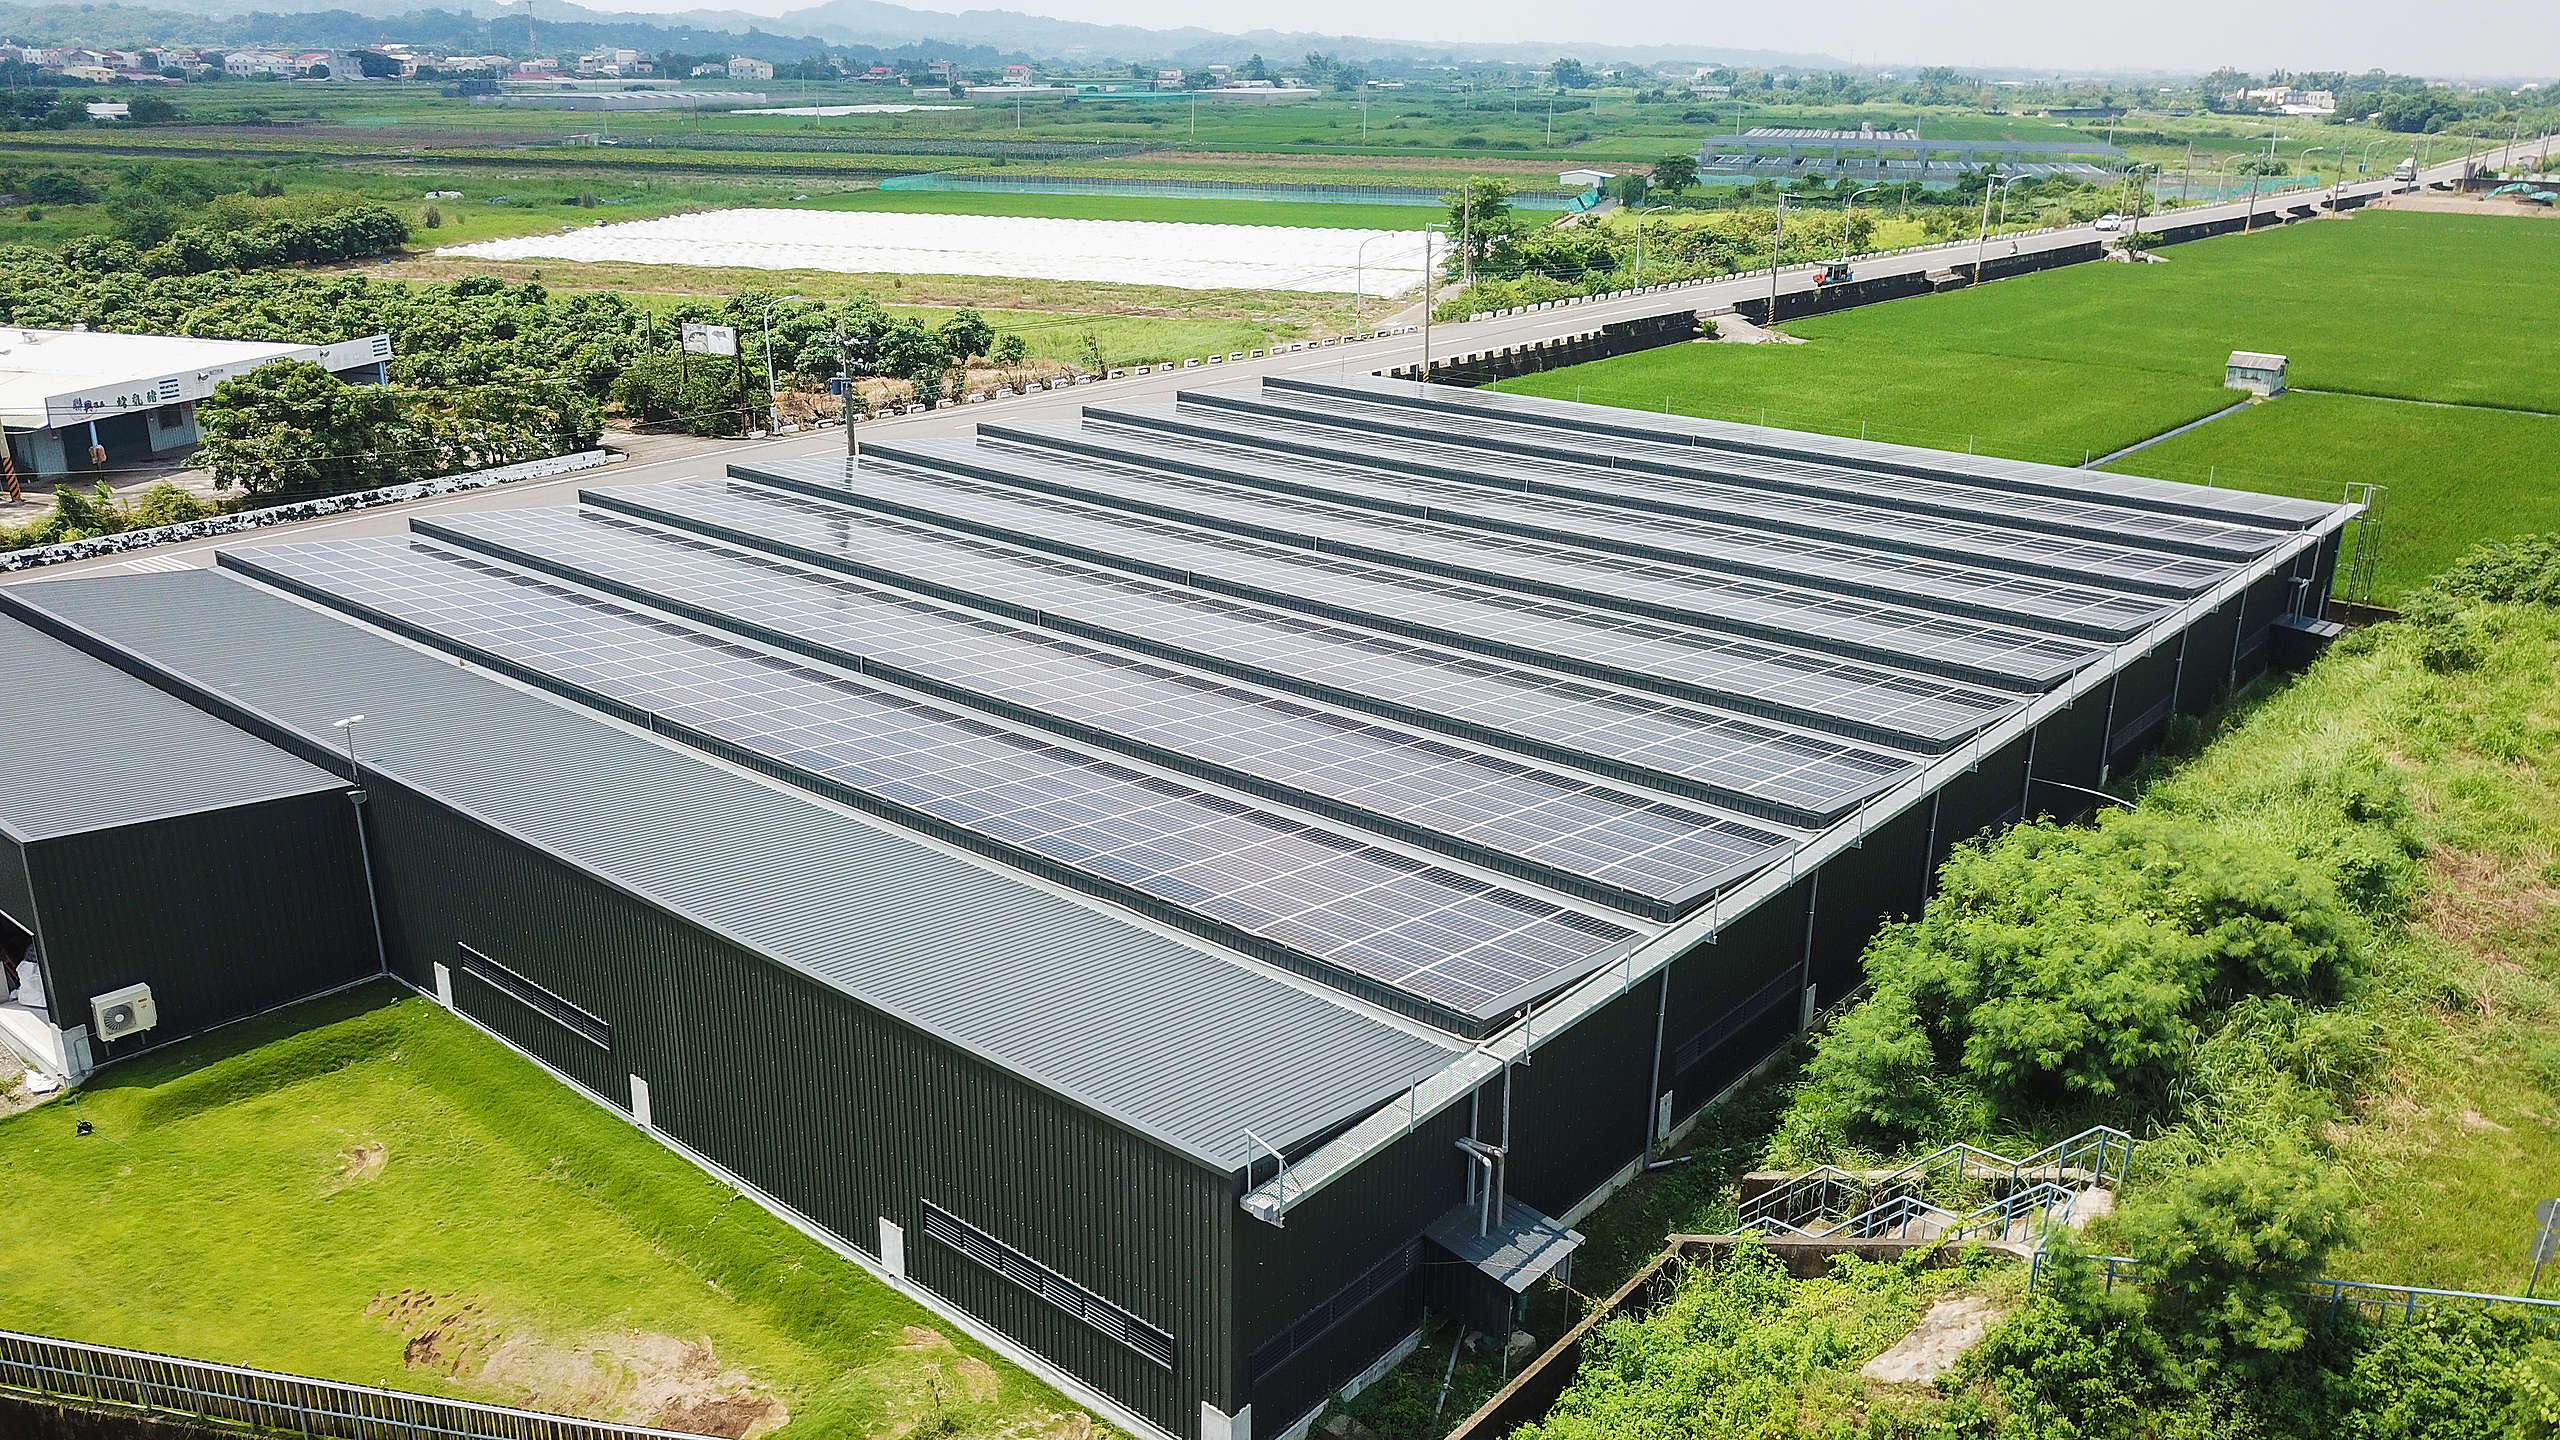 有些民間養殖業者,在養殖場上方搭建屋頂型太陽能光電設施,電力自發自用。© Greenpeace